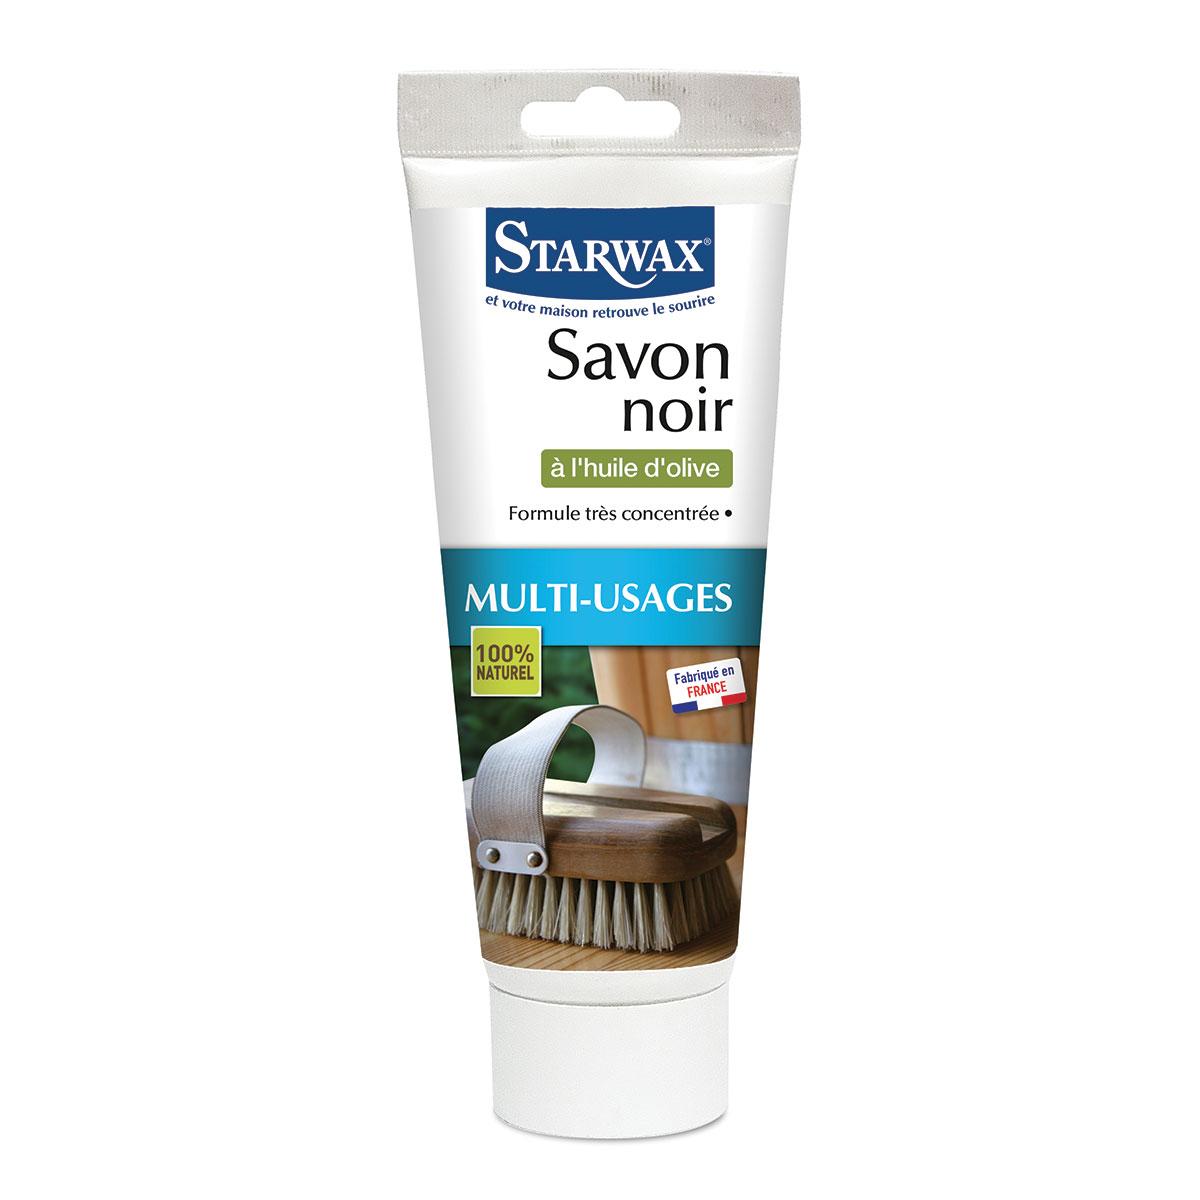 Savon noir tube - Starwax